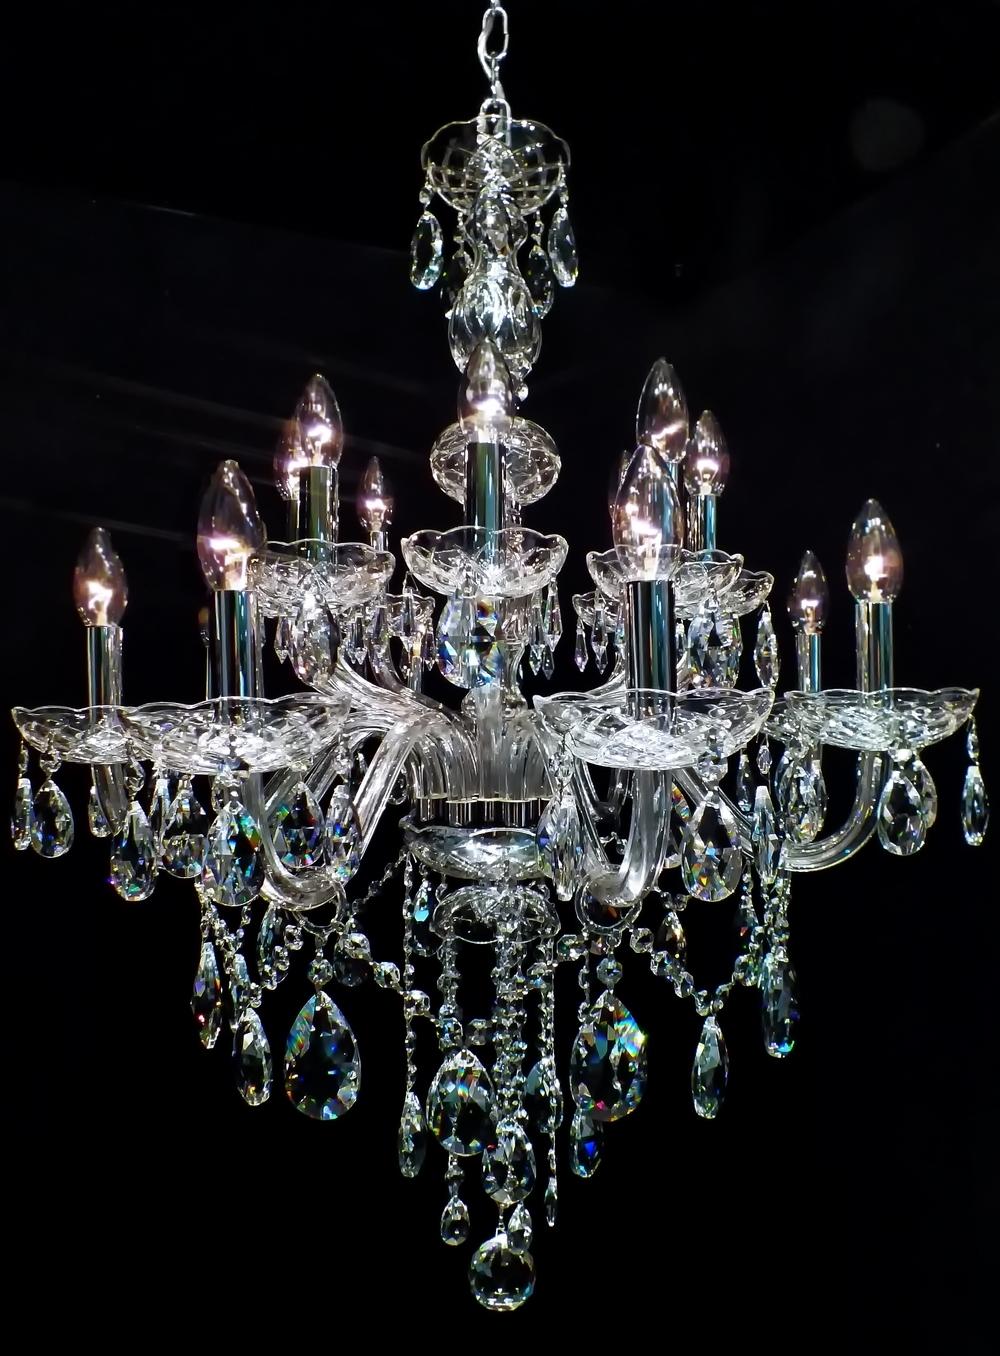 Chandelier #crystal Lustre Toledo 16 Braços (08 + 08) (View 6 of 15)